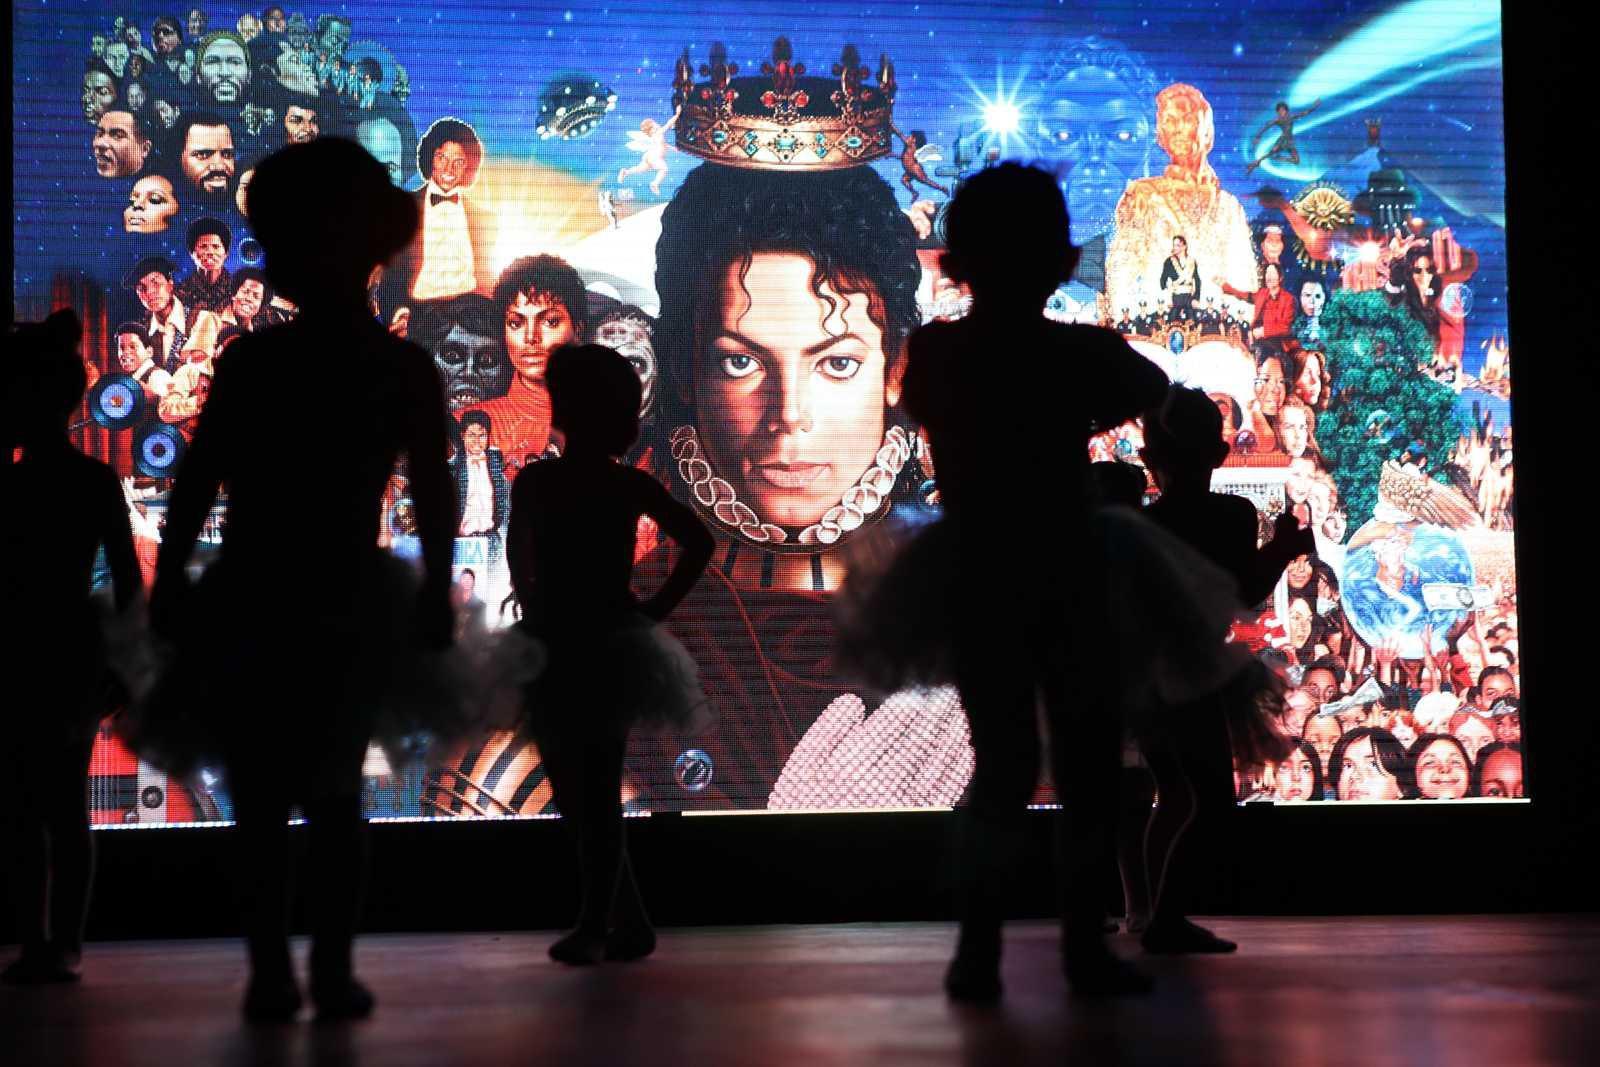 14º Espetáculo Cia. Dance One Dores